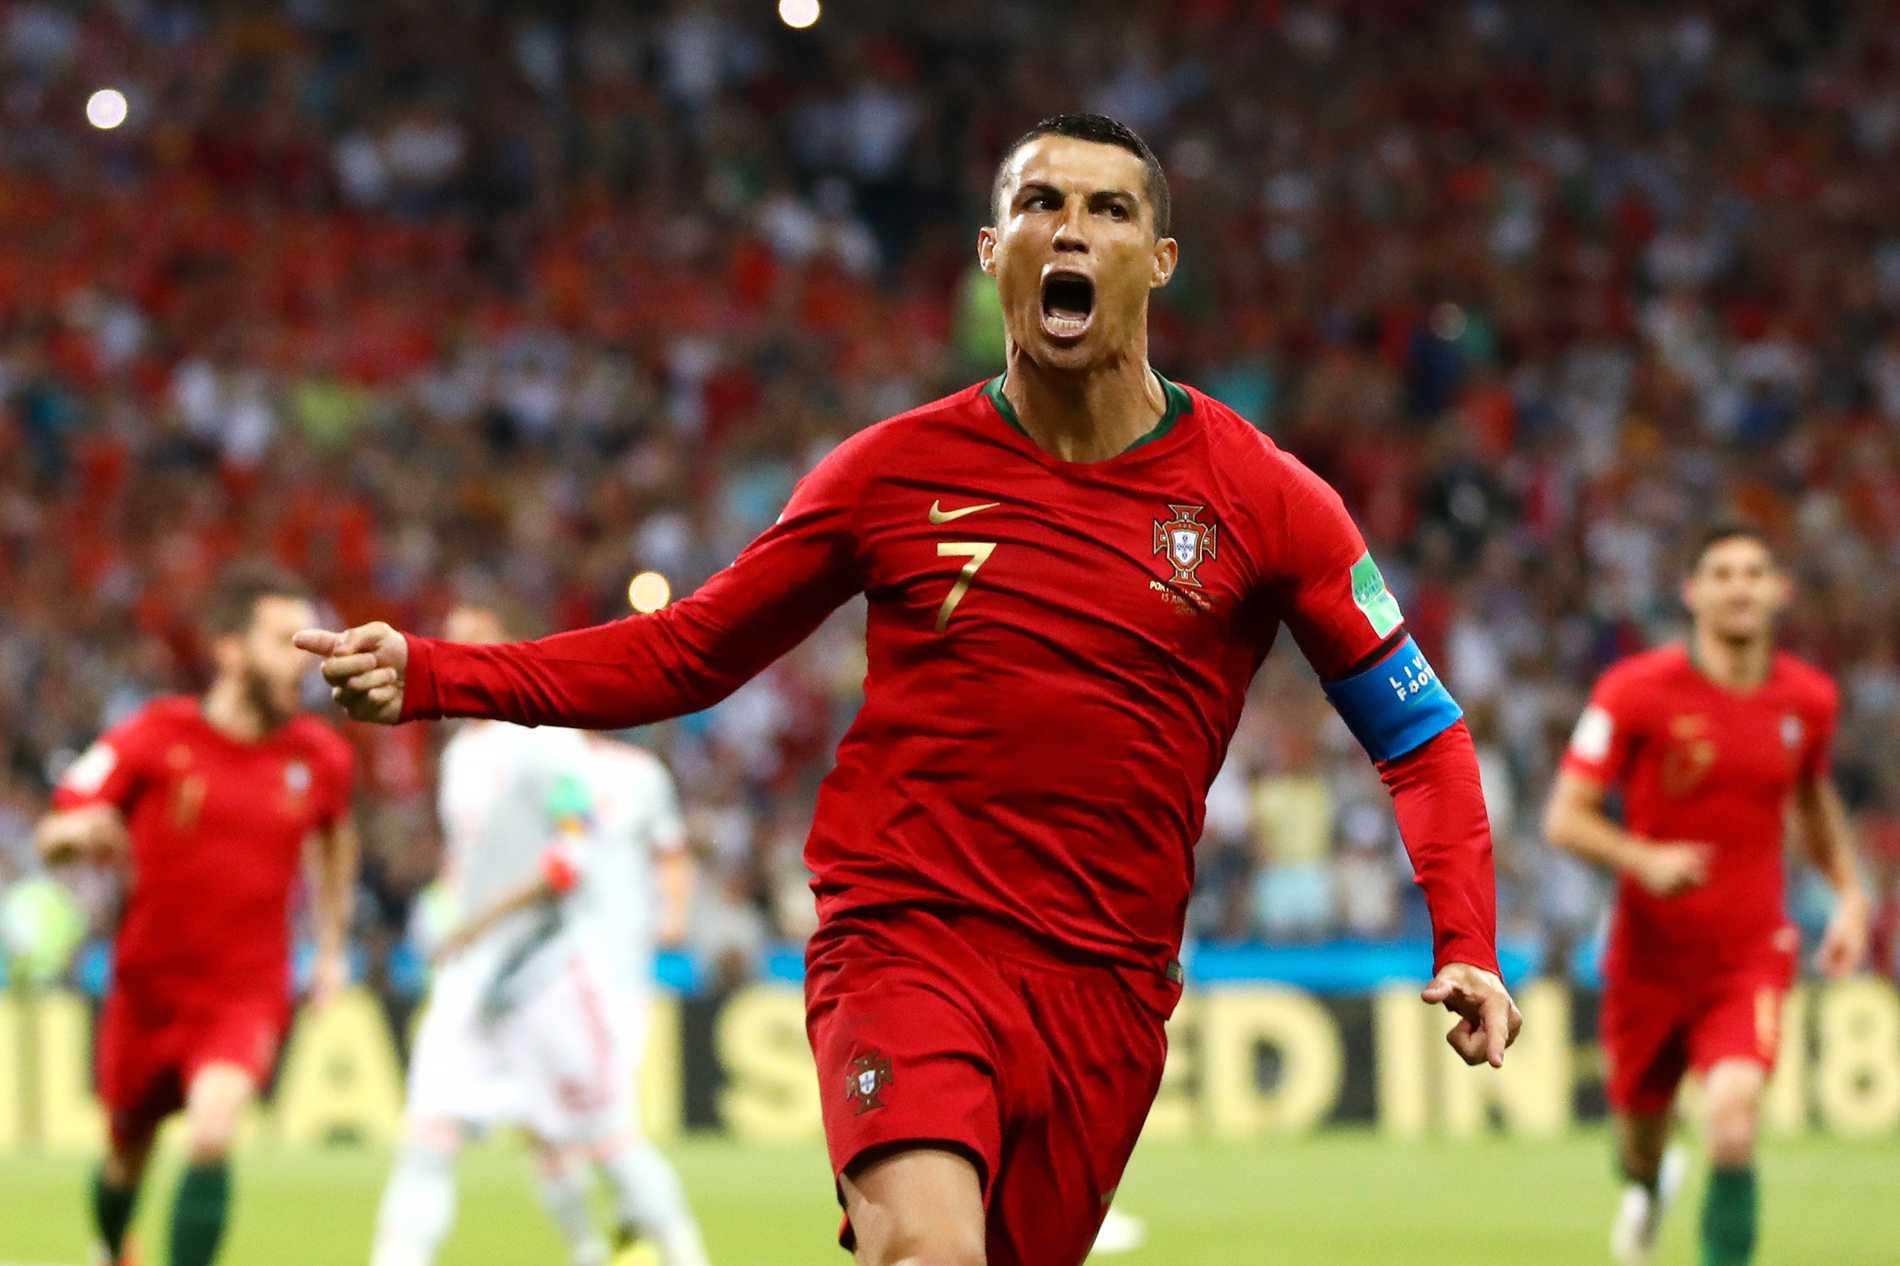 Christiano Ronaldo har hunnit bli 36 år, en oansenlig ålder för en vanlig människa, men ganska mycket för en fotbollsspelare i världsklass.